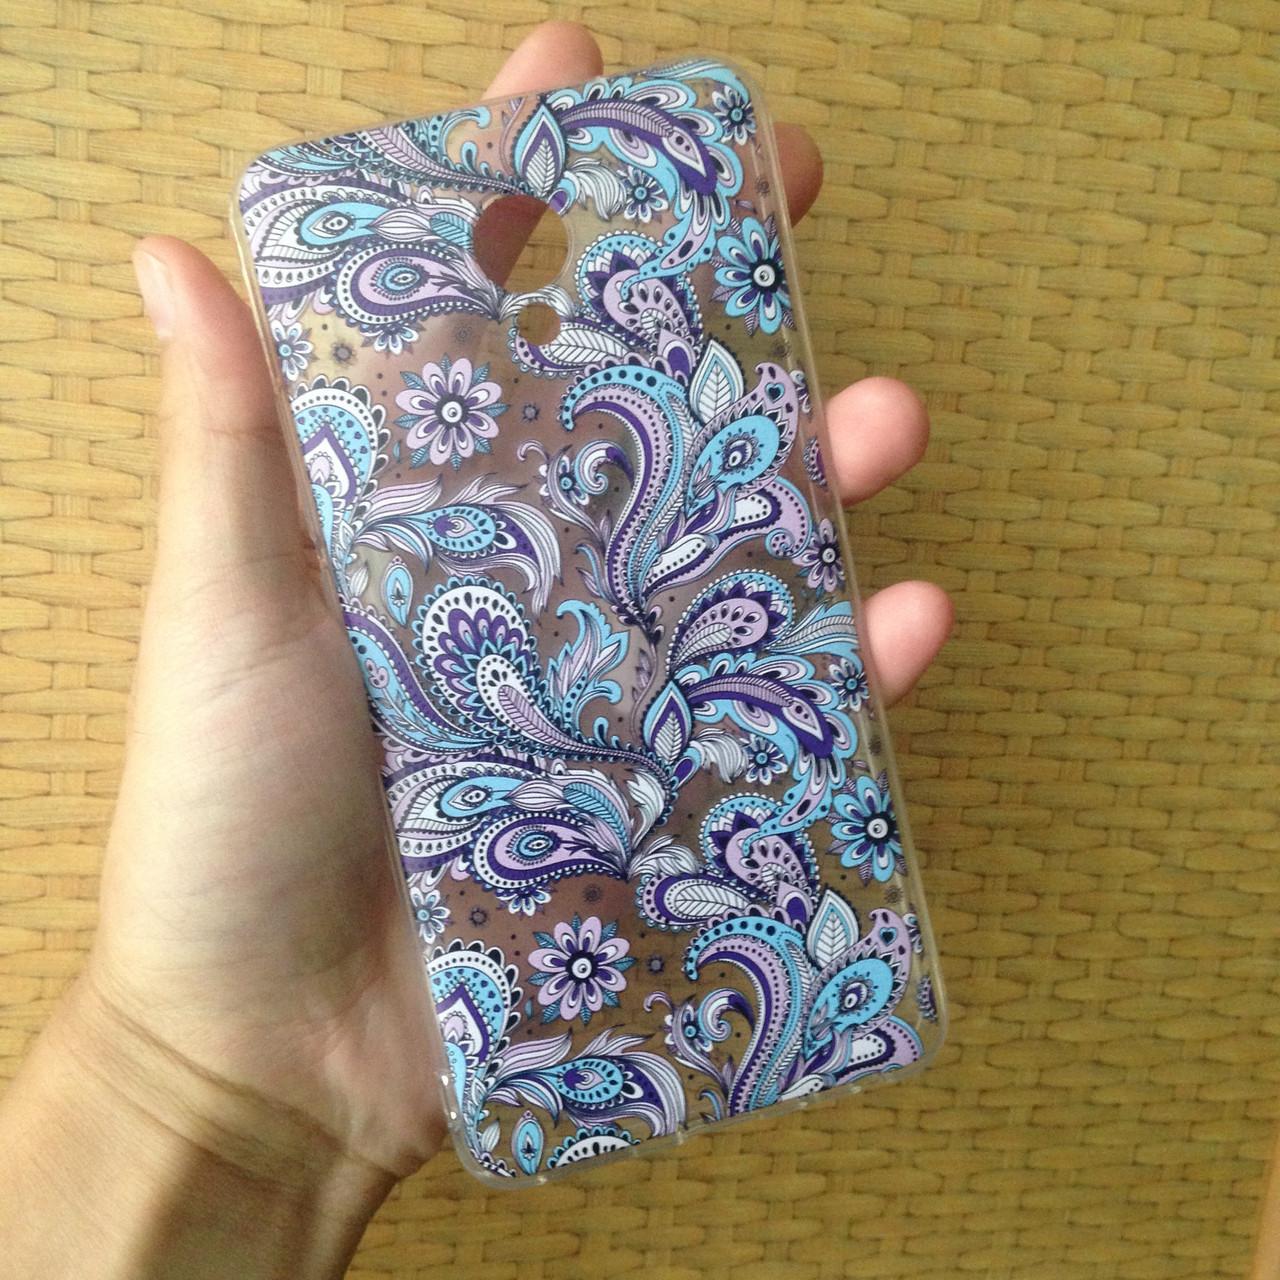 Чехол для Meizu M5 Note, бампер, накладка, чохол, силиконовый, силіконовий